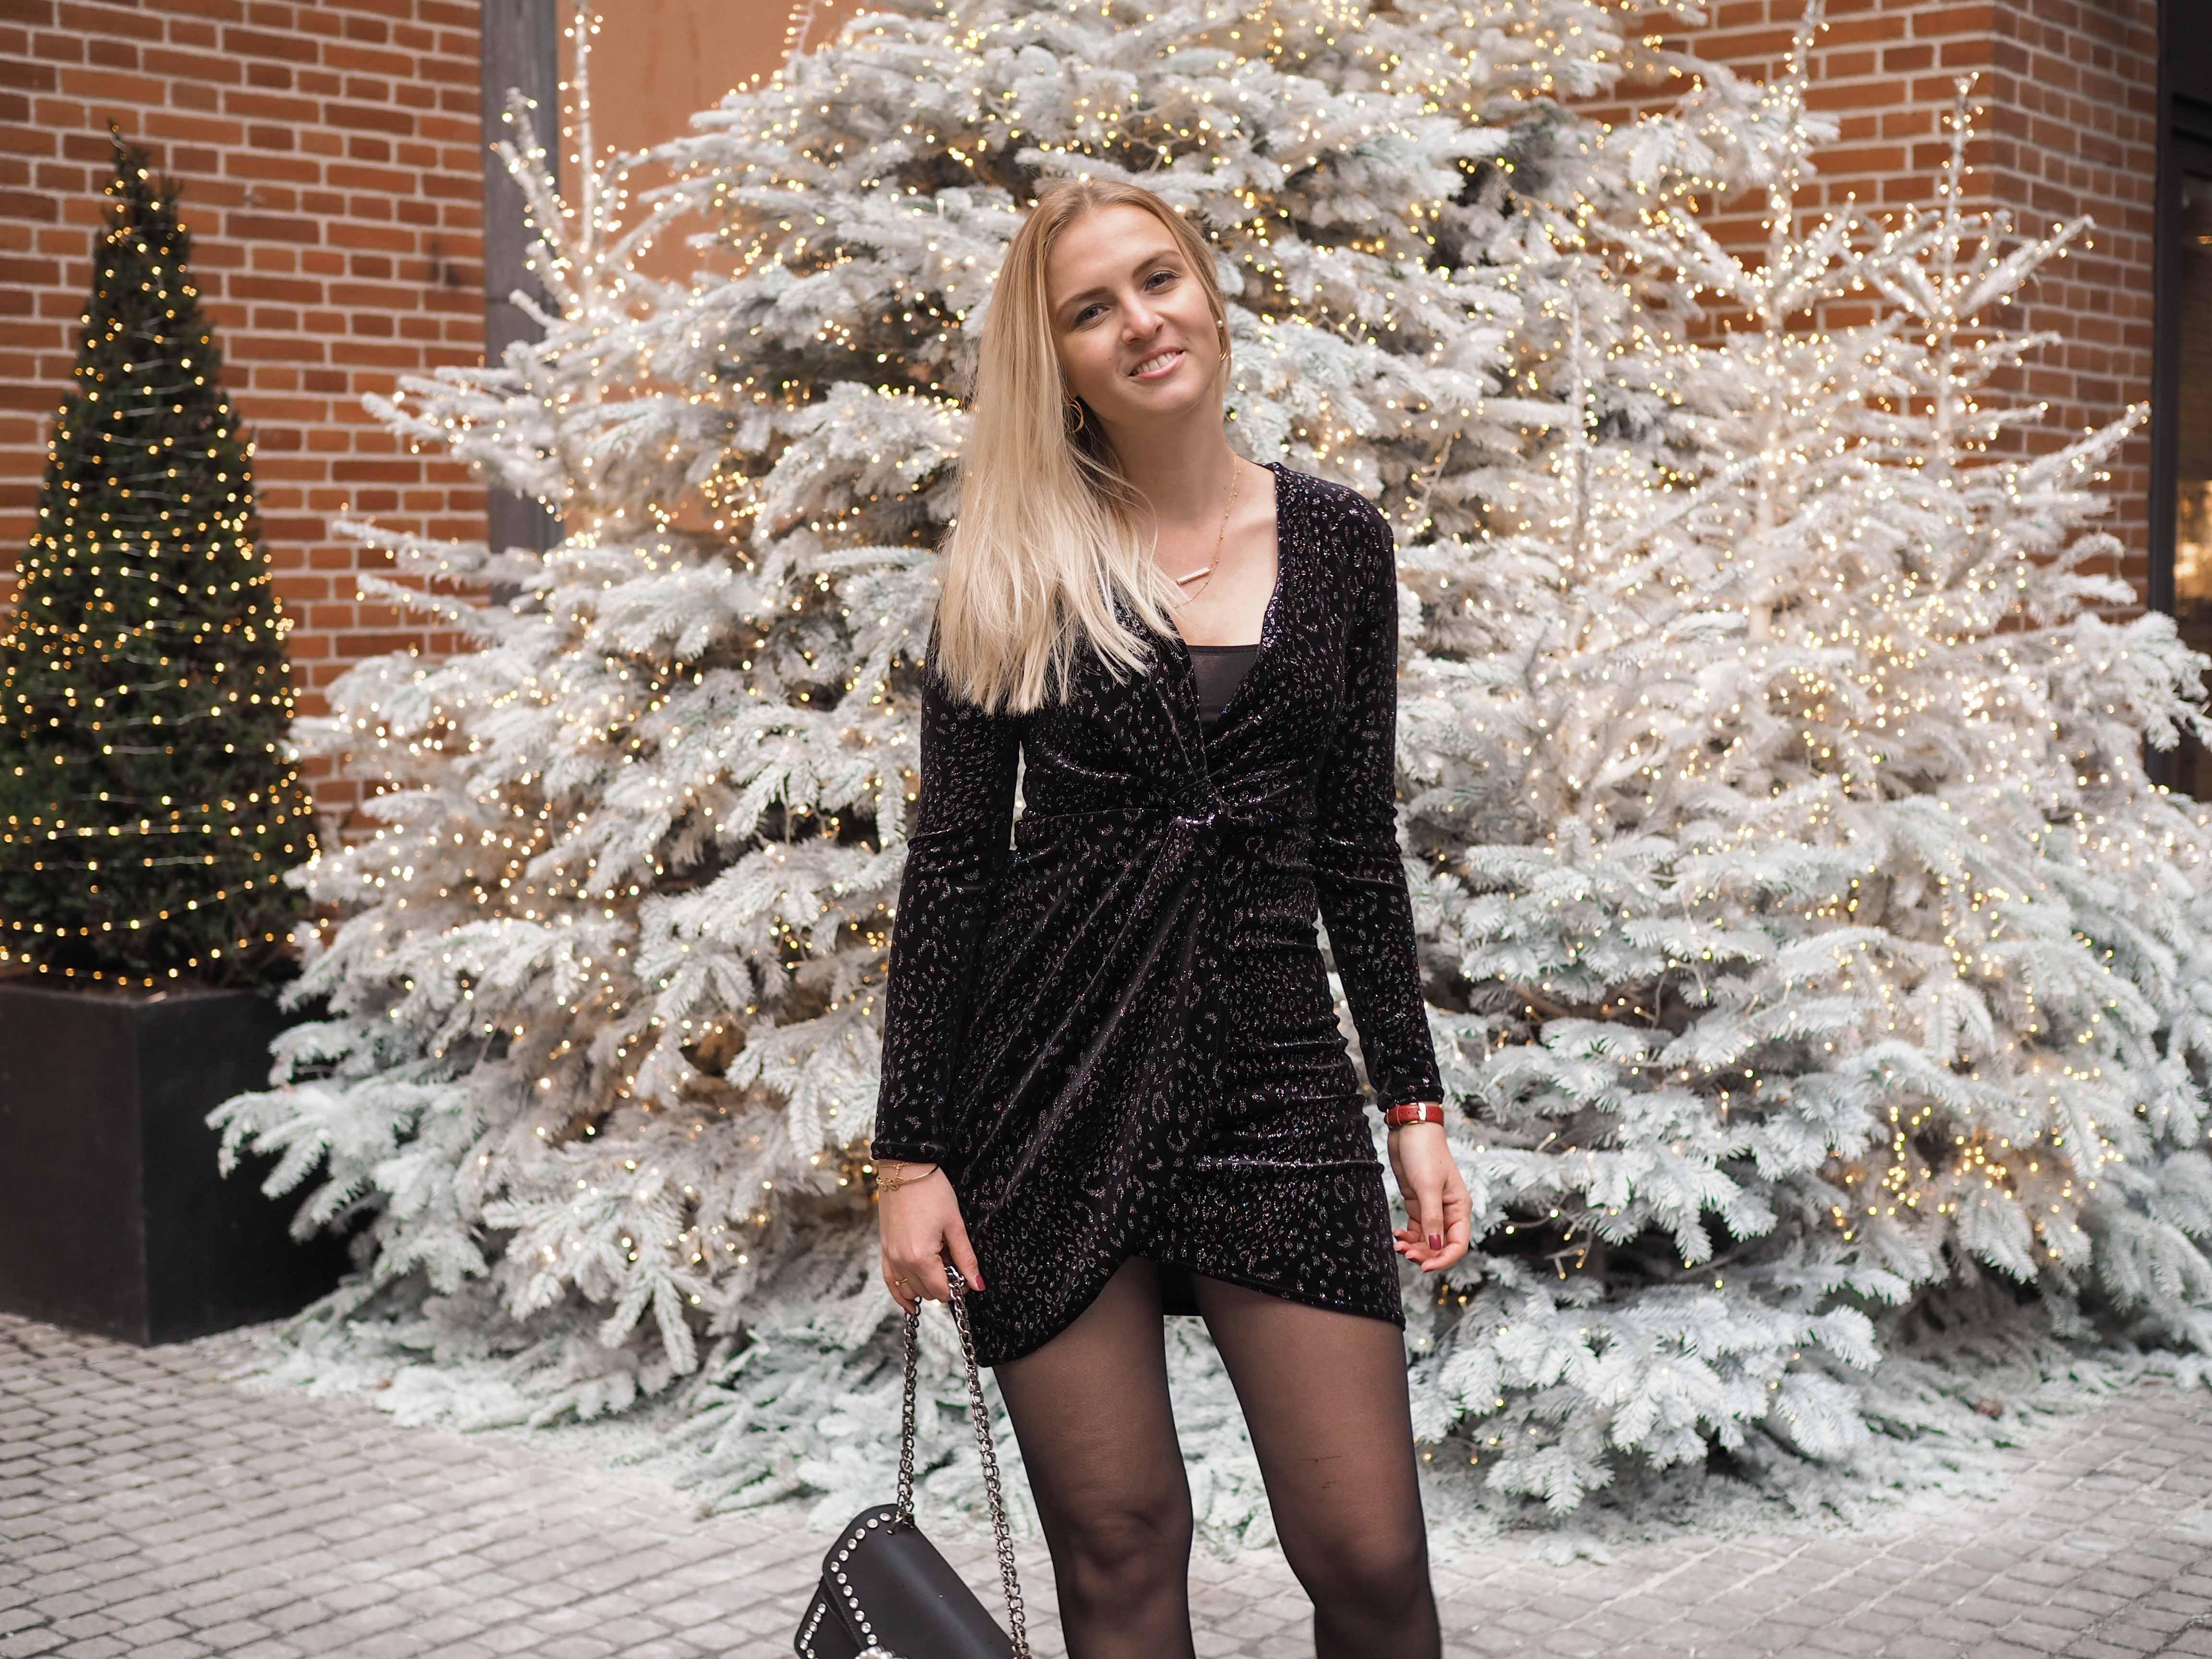 Samt Outfit, Weihnachten, Silvester, Kleid, Christmas Outfit, Fashionblog, Modeblog, Katefully, München, Handtasche, ootd, ootn, Weihnachtsbaum, Samtkleid, Selbstliebe, Liebe